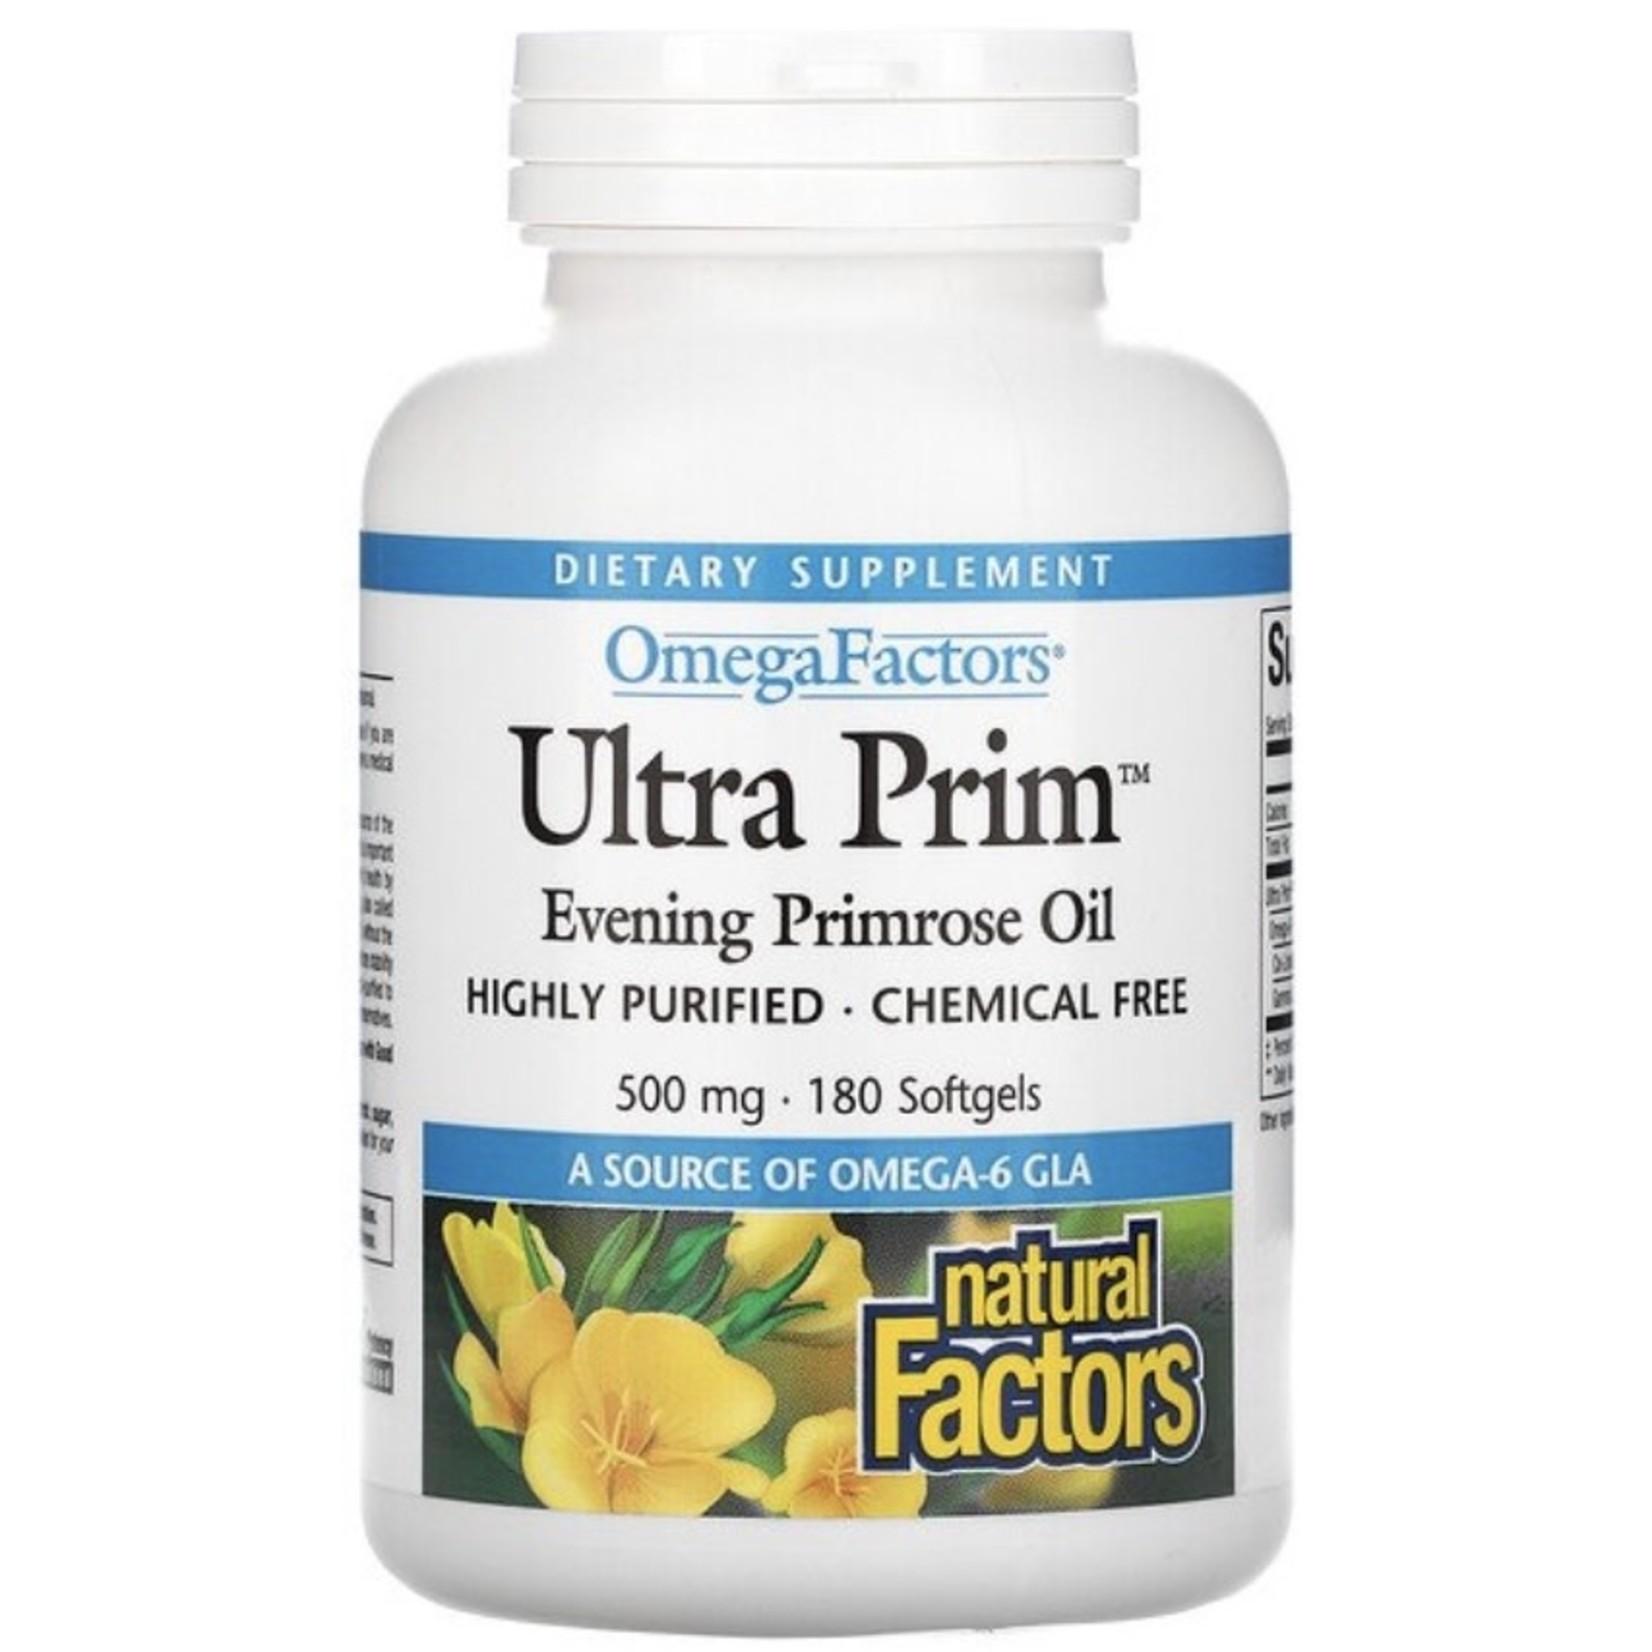 Natural Factors Natural Factors Ultra Prim 500mg 180 softgels